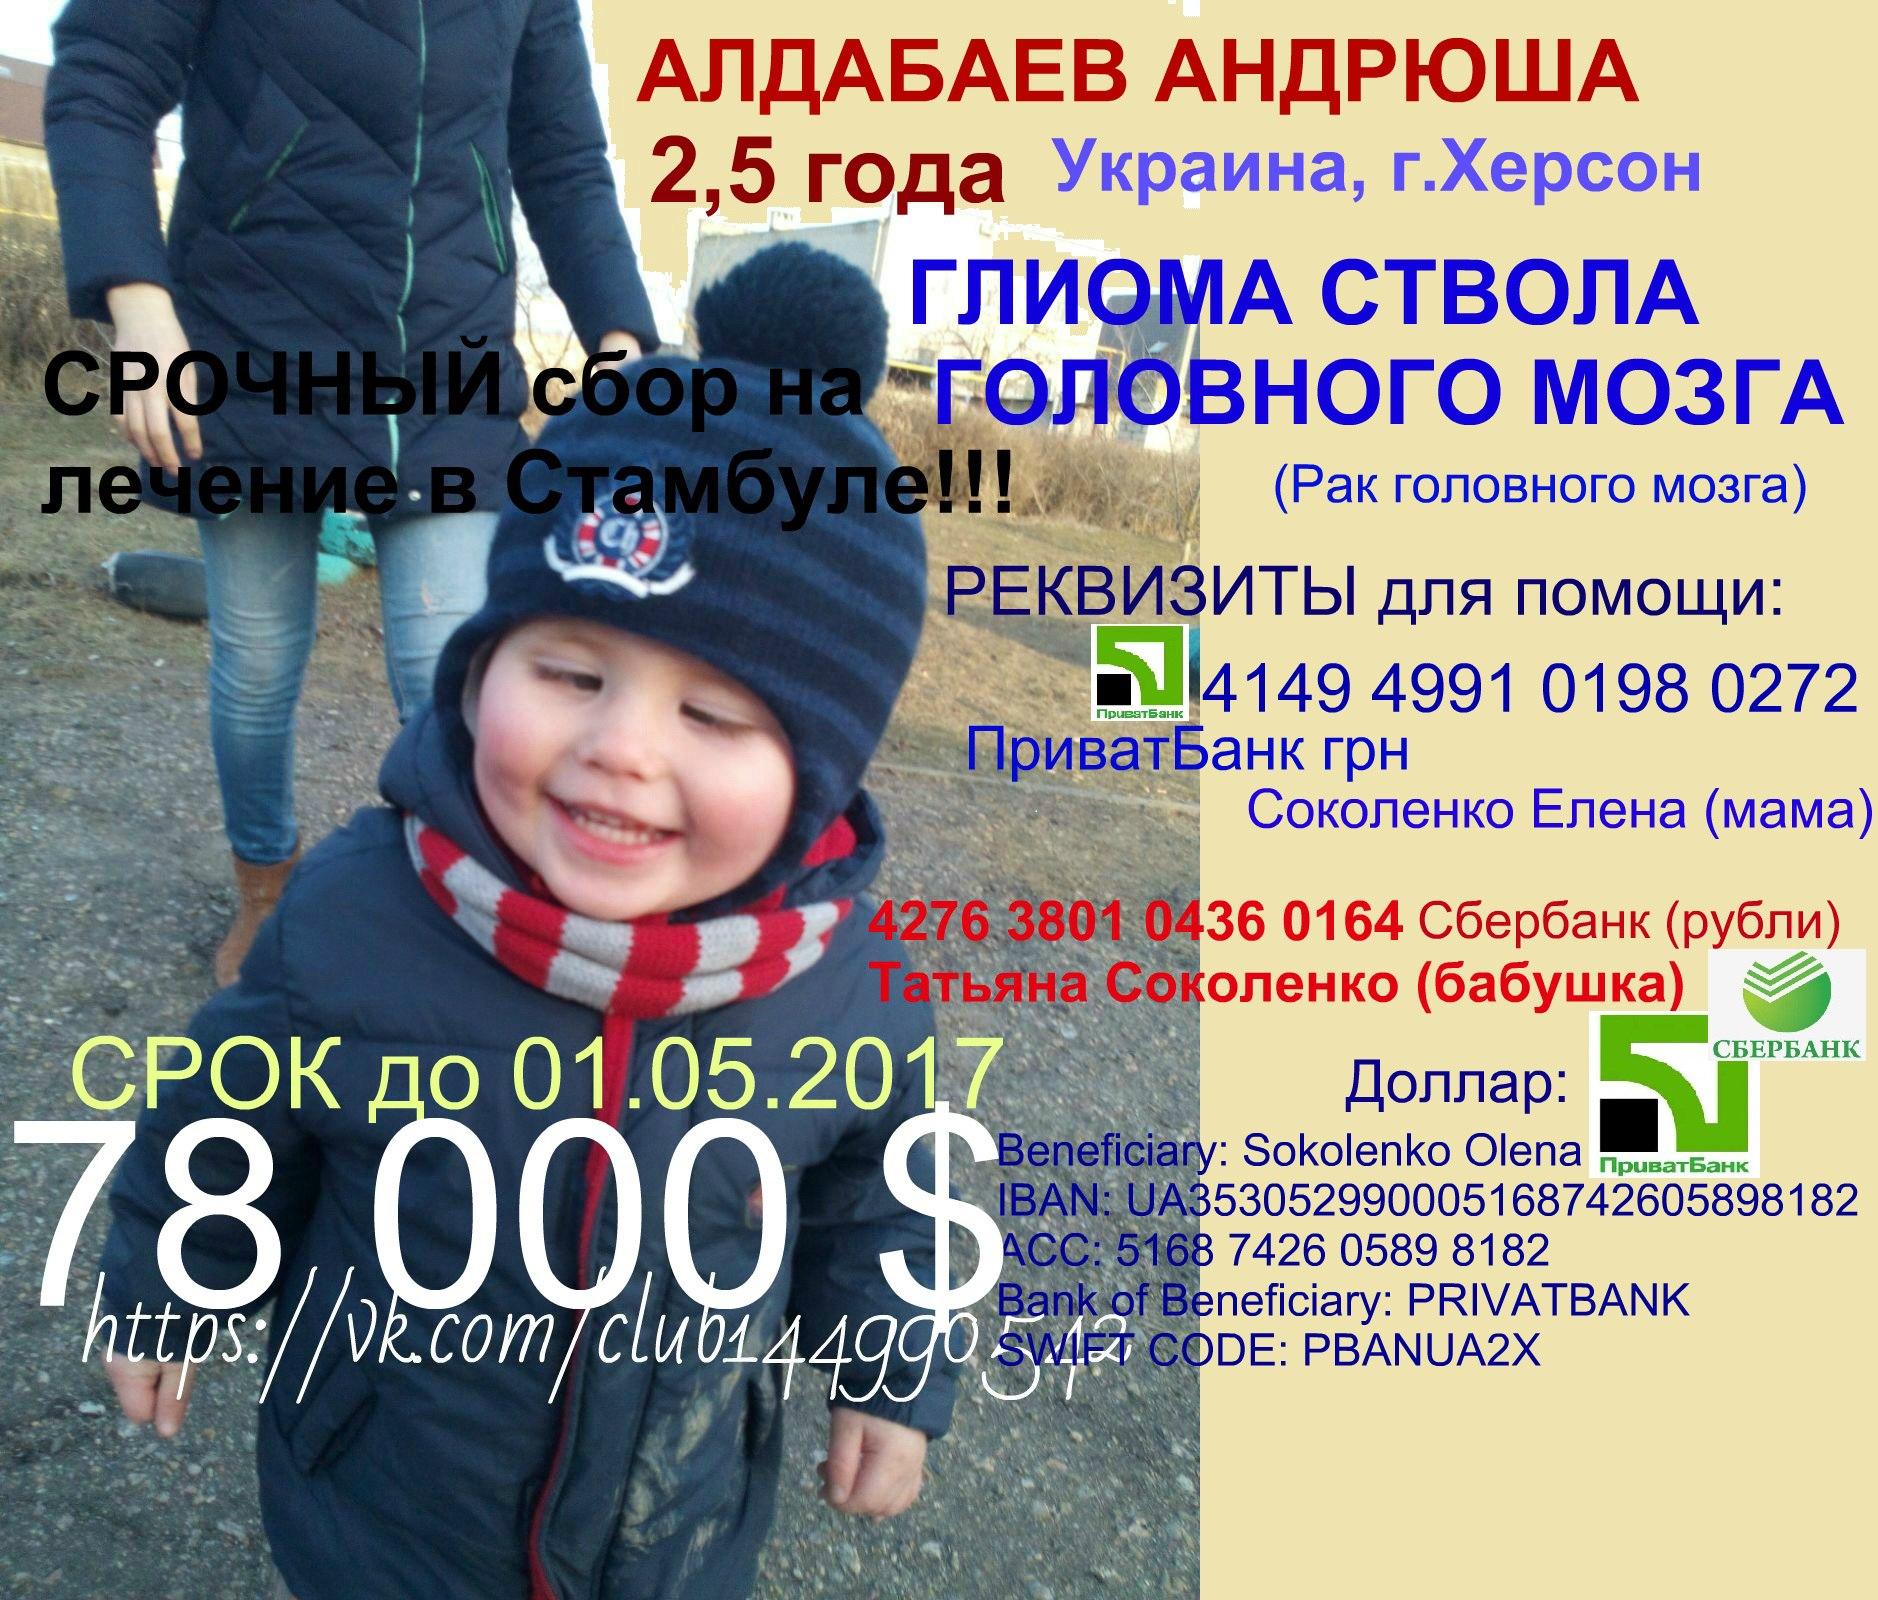 https://pp.userapi.com/c637531/v637531149/4eb2e/mk8YFrZWIkc.jpg